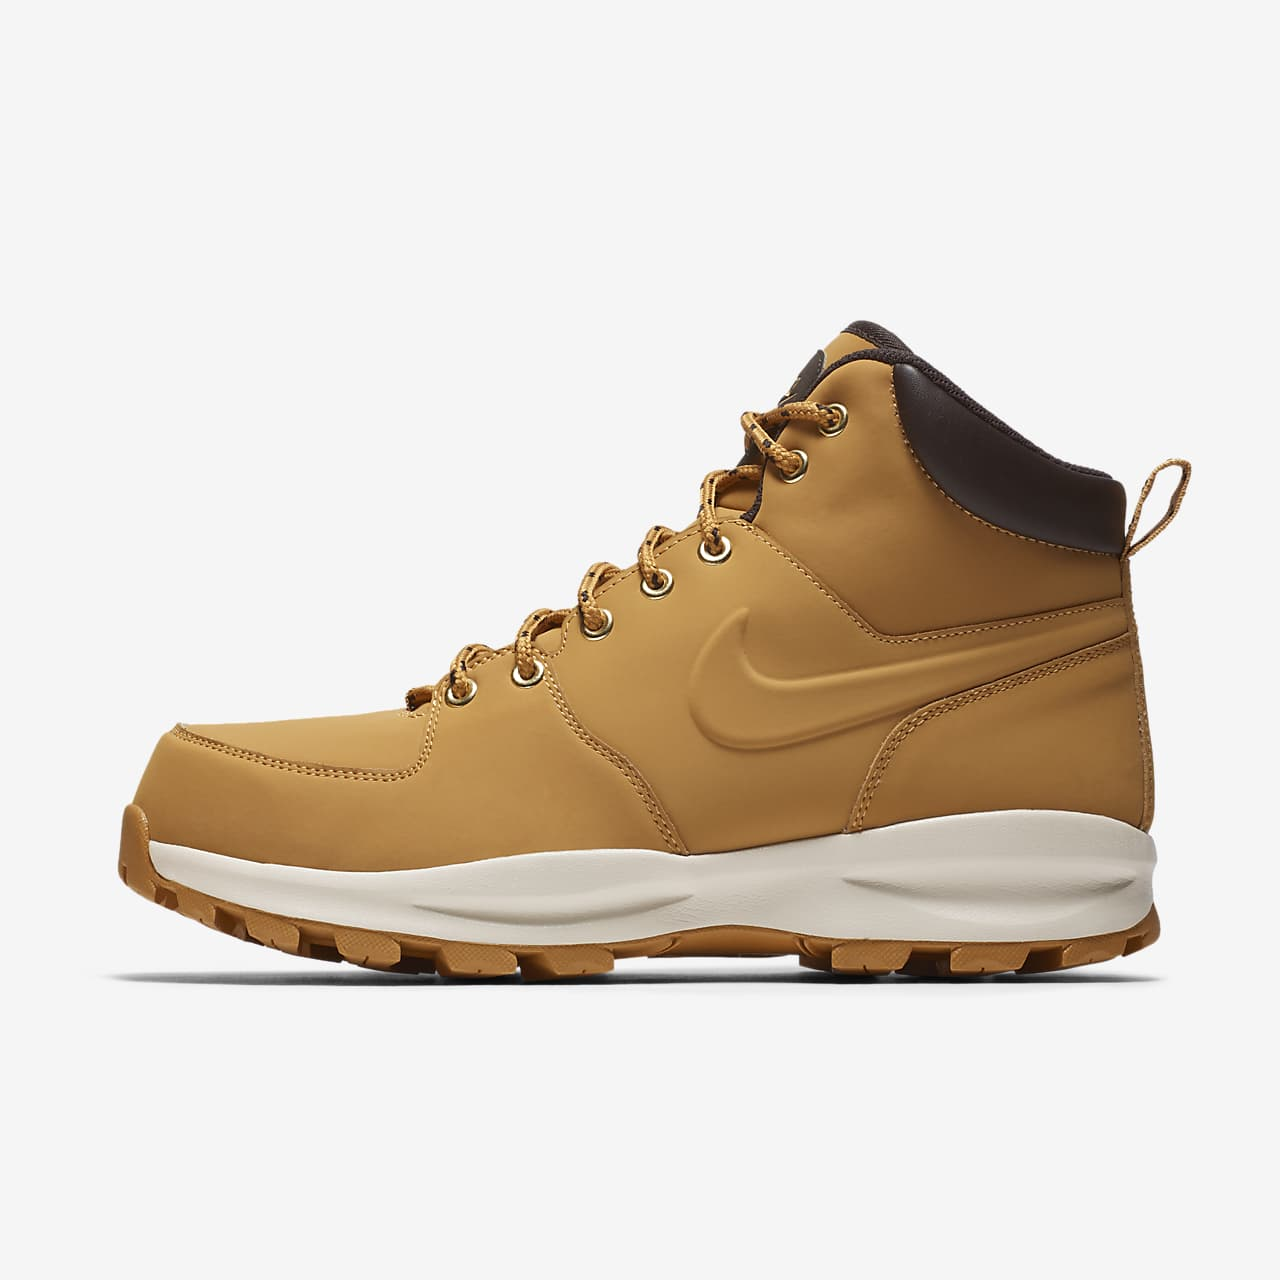 Botas Nike Manoa para homem